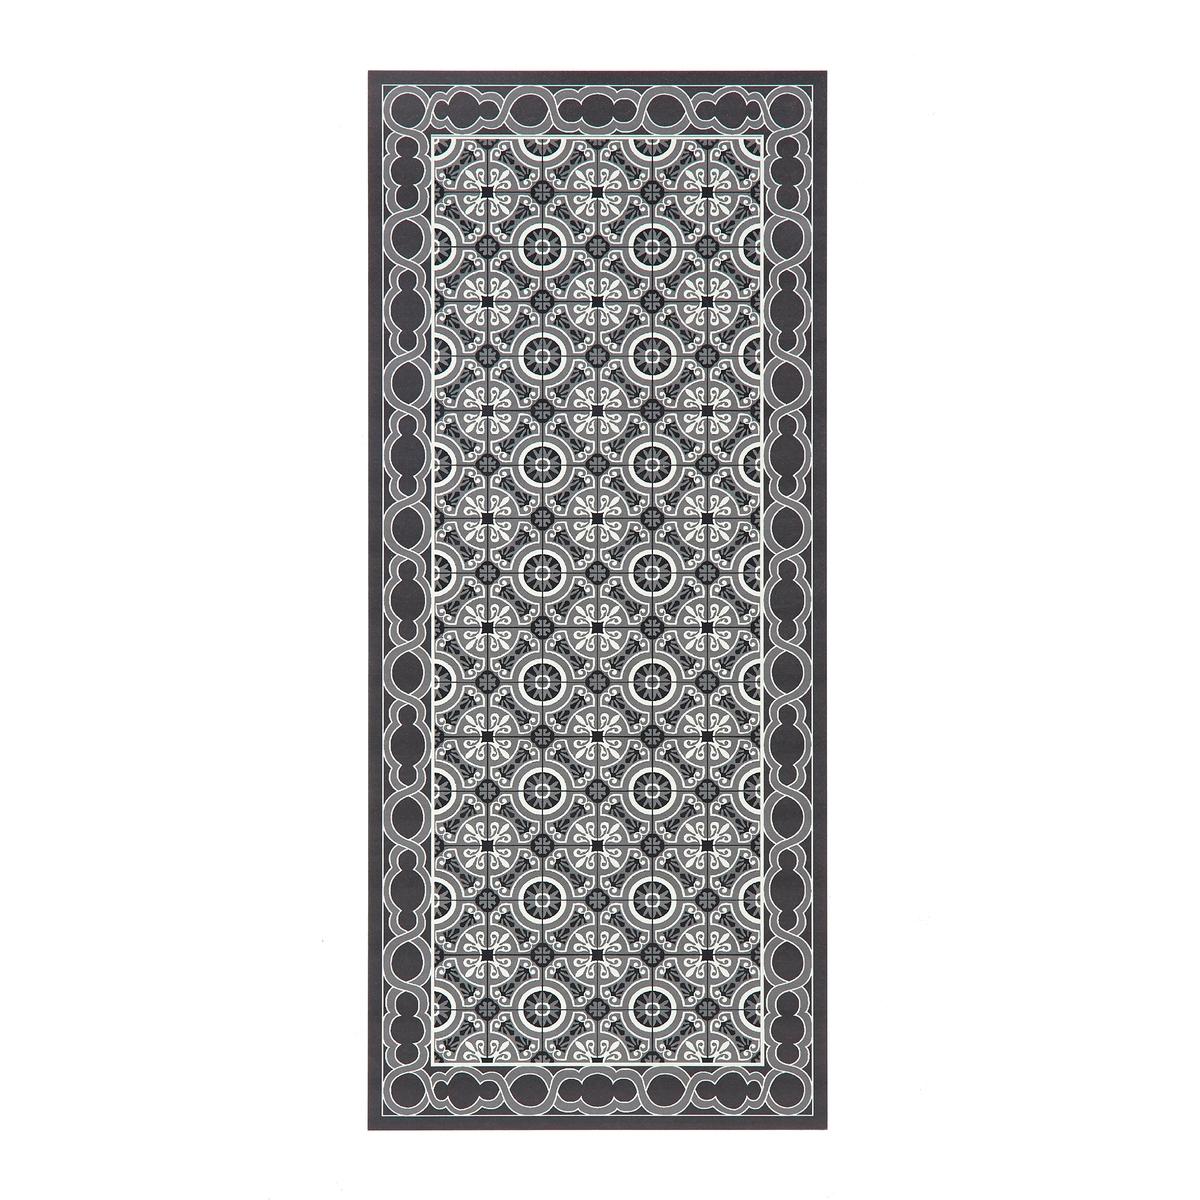 Ковер LaRedoute Виниловый с рисунком цементная плитка Simen 065 x 150 см серый